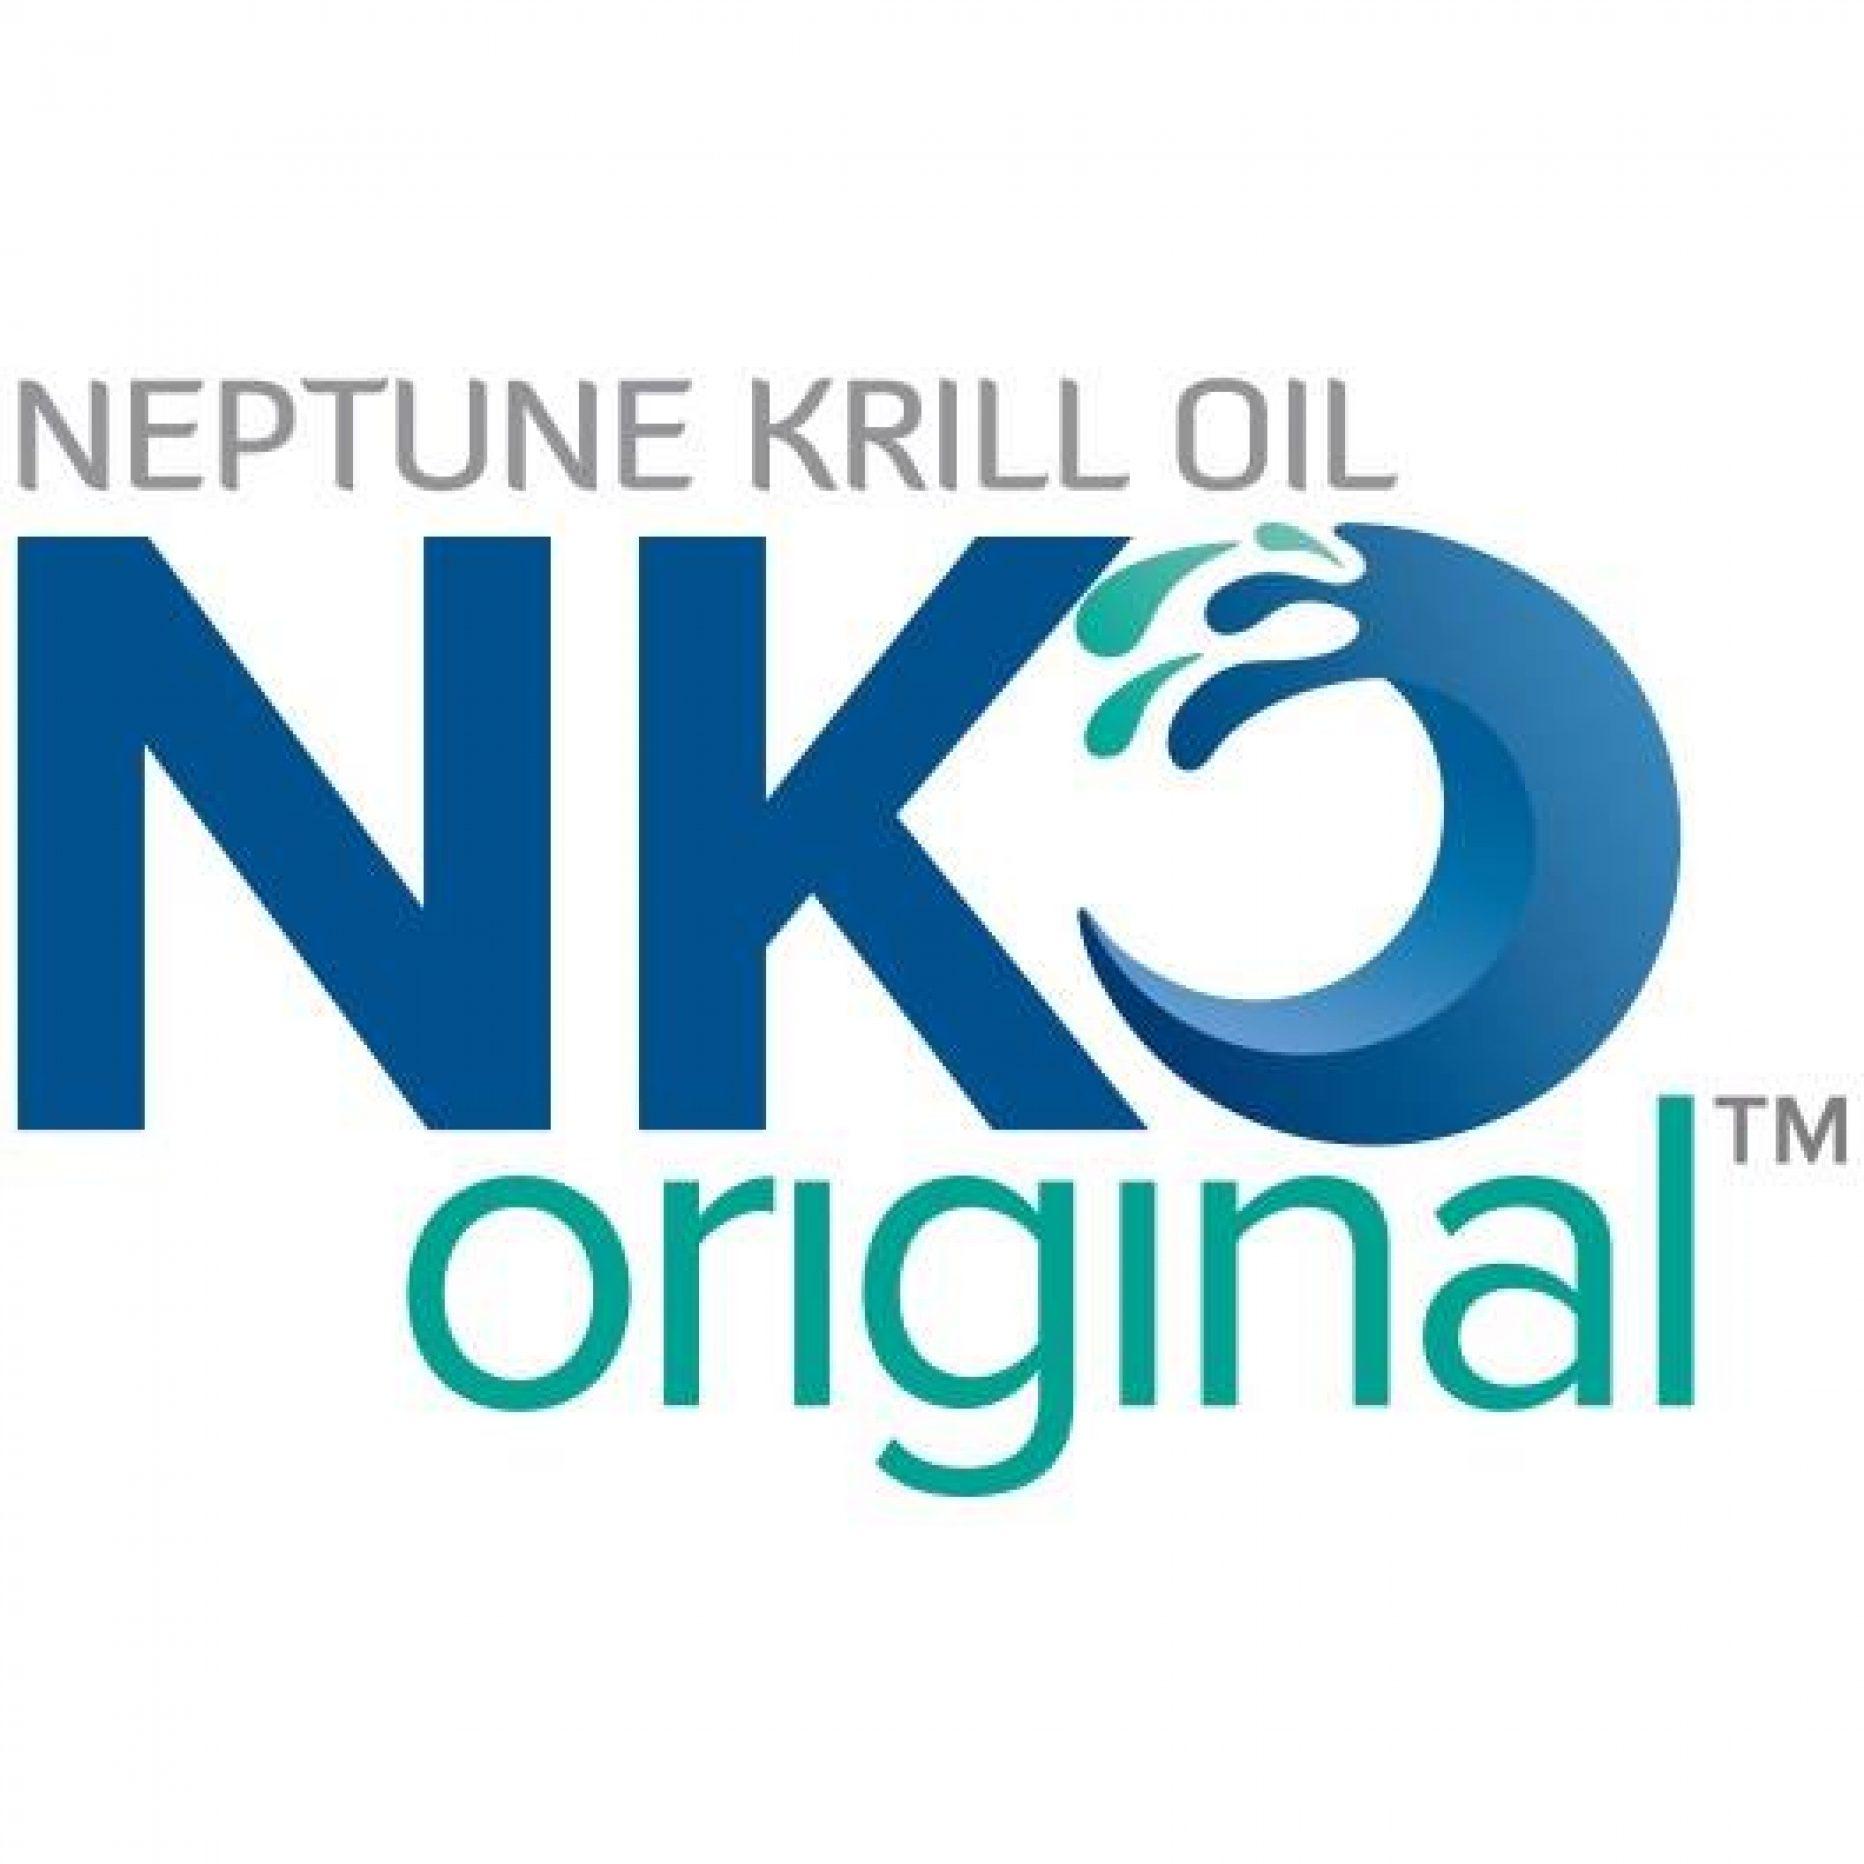 Neptune Krill Oil, czyli Olej z kryla